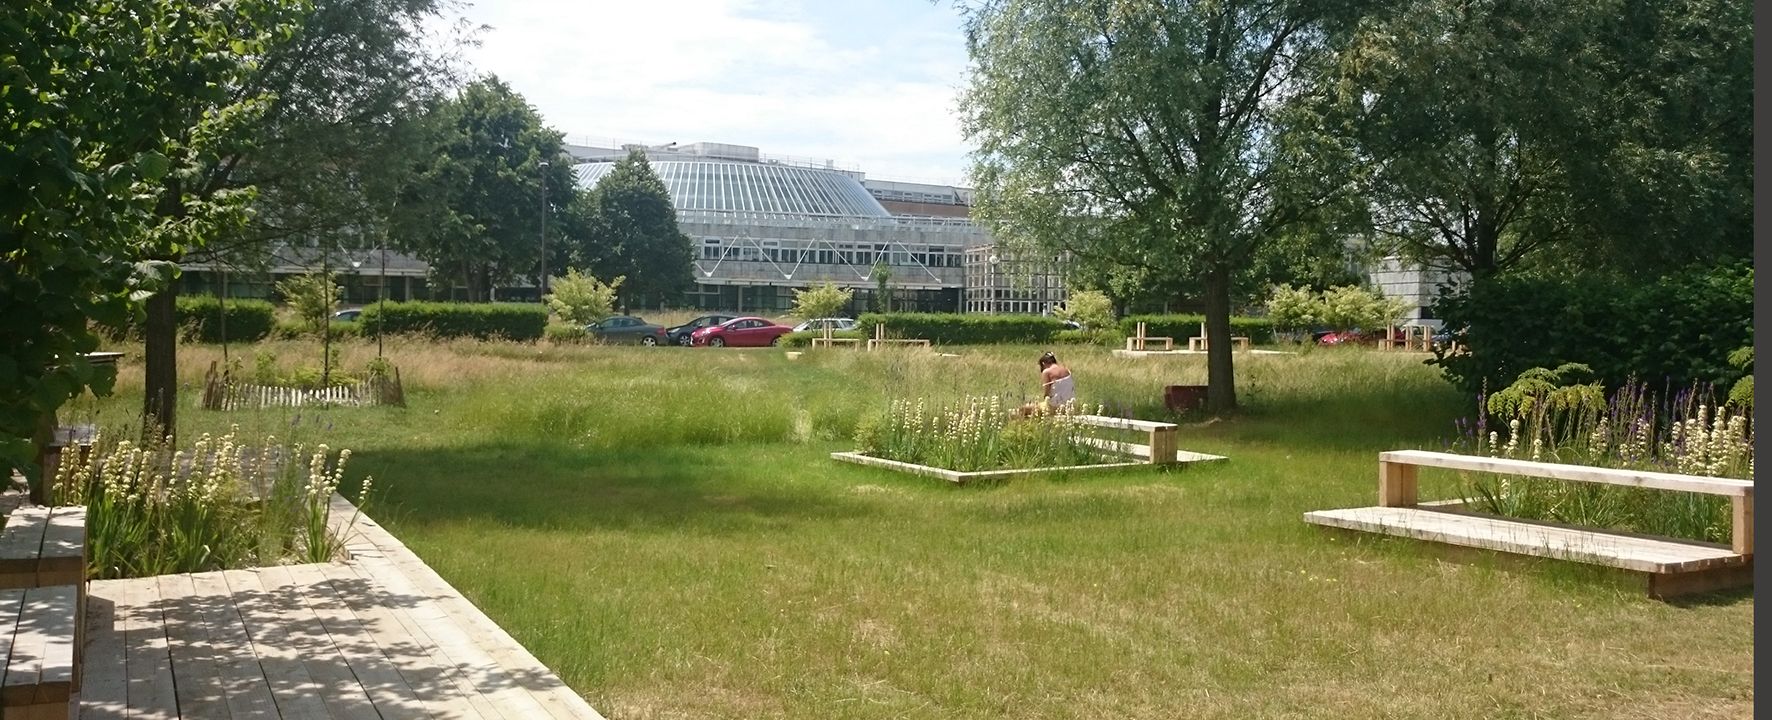 Jardin de la cité Descartes